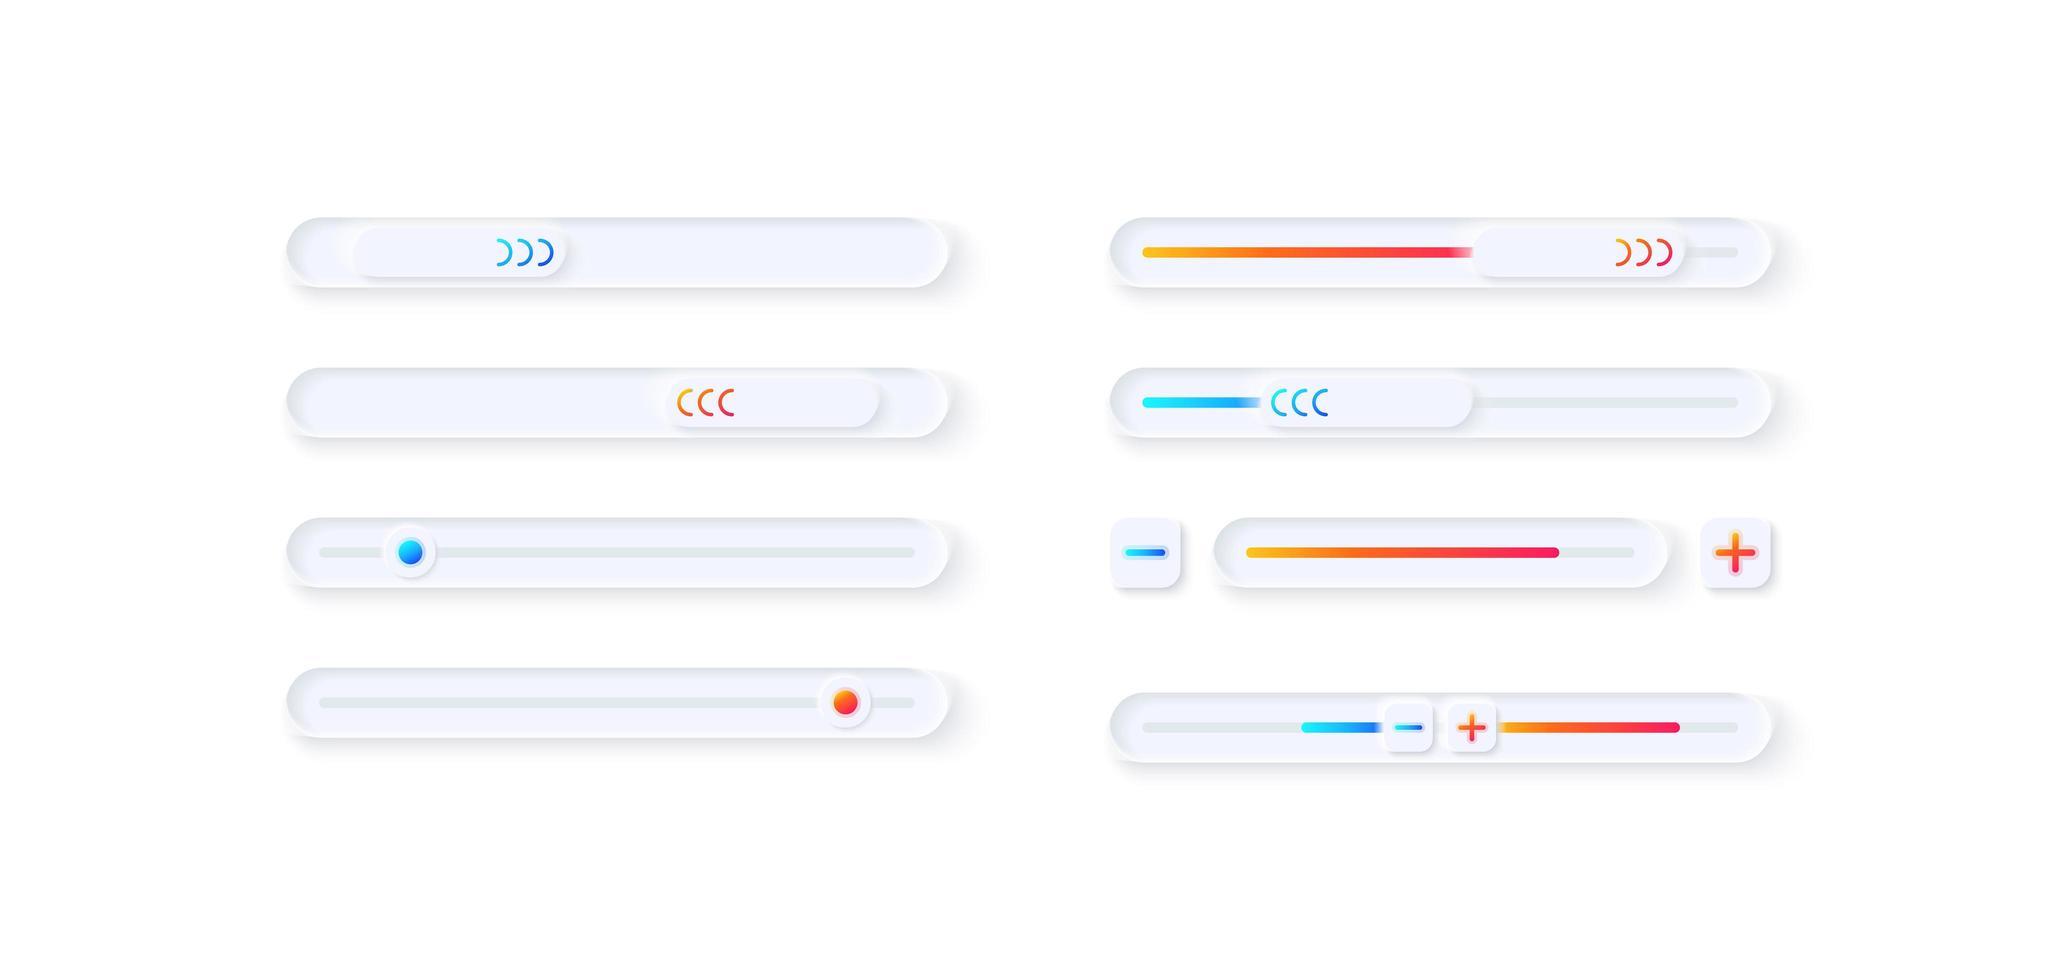 kit d'éléments d'interface utilisateur de réglage du joueur vecteur